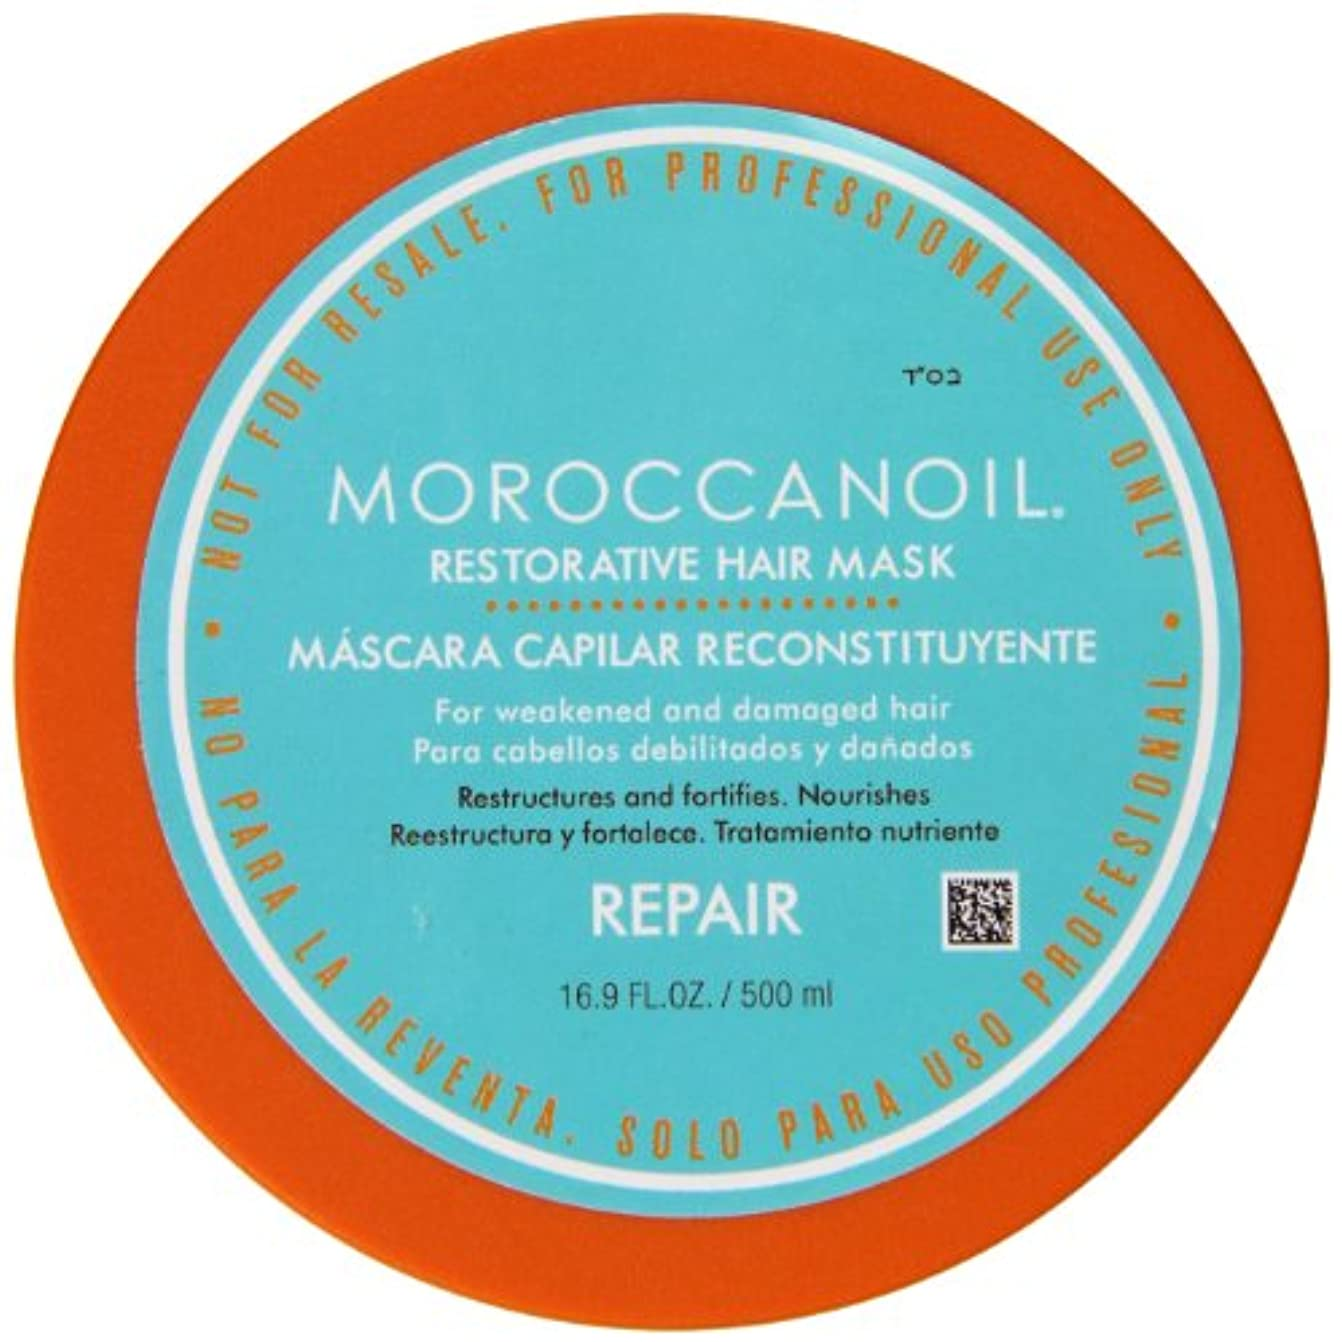 壮大な遺産鈍いモロッカンオイル リストラクティブ ヘア マスク (ダメージを受けた髪用) 500ml/16.9oz並行輸入品